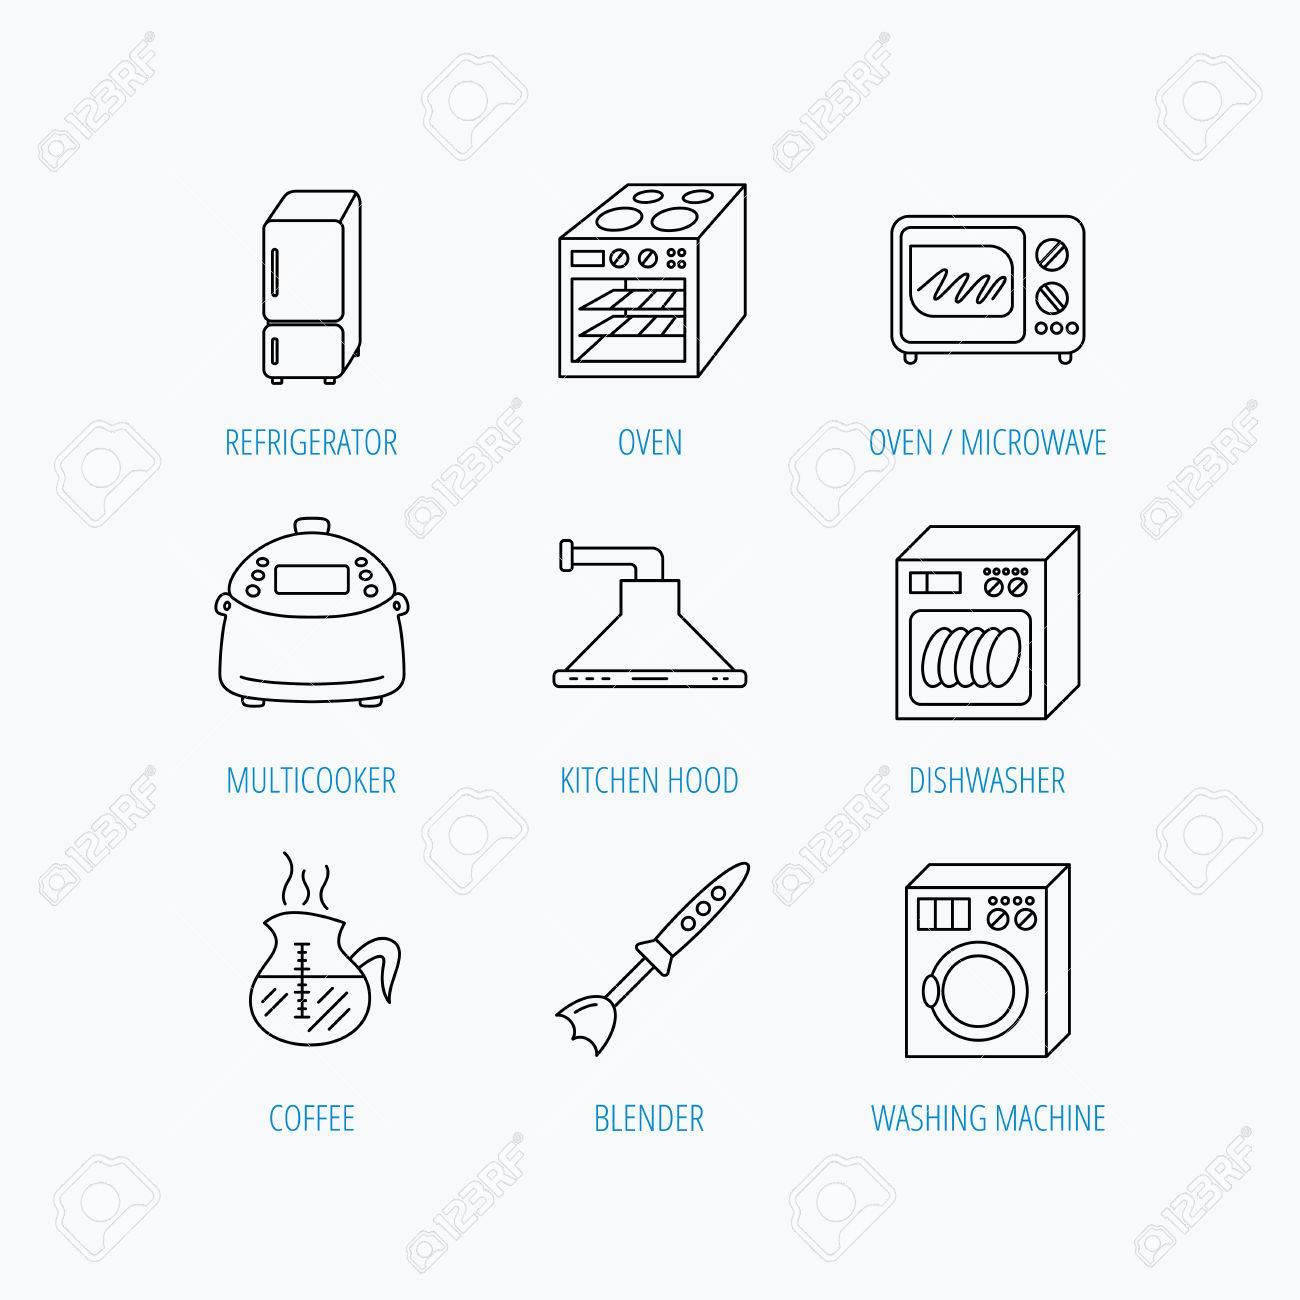 Sehr Mikrowelle, Waschmaschine Und Mixer-Symbole. Kühlschrank JL69